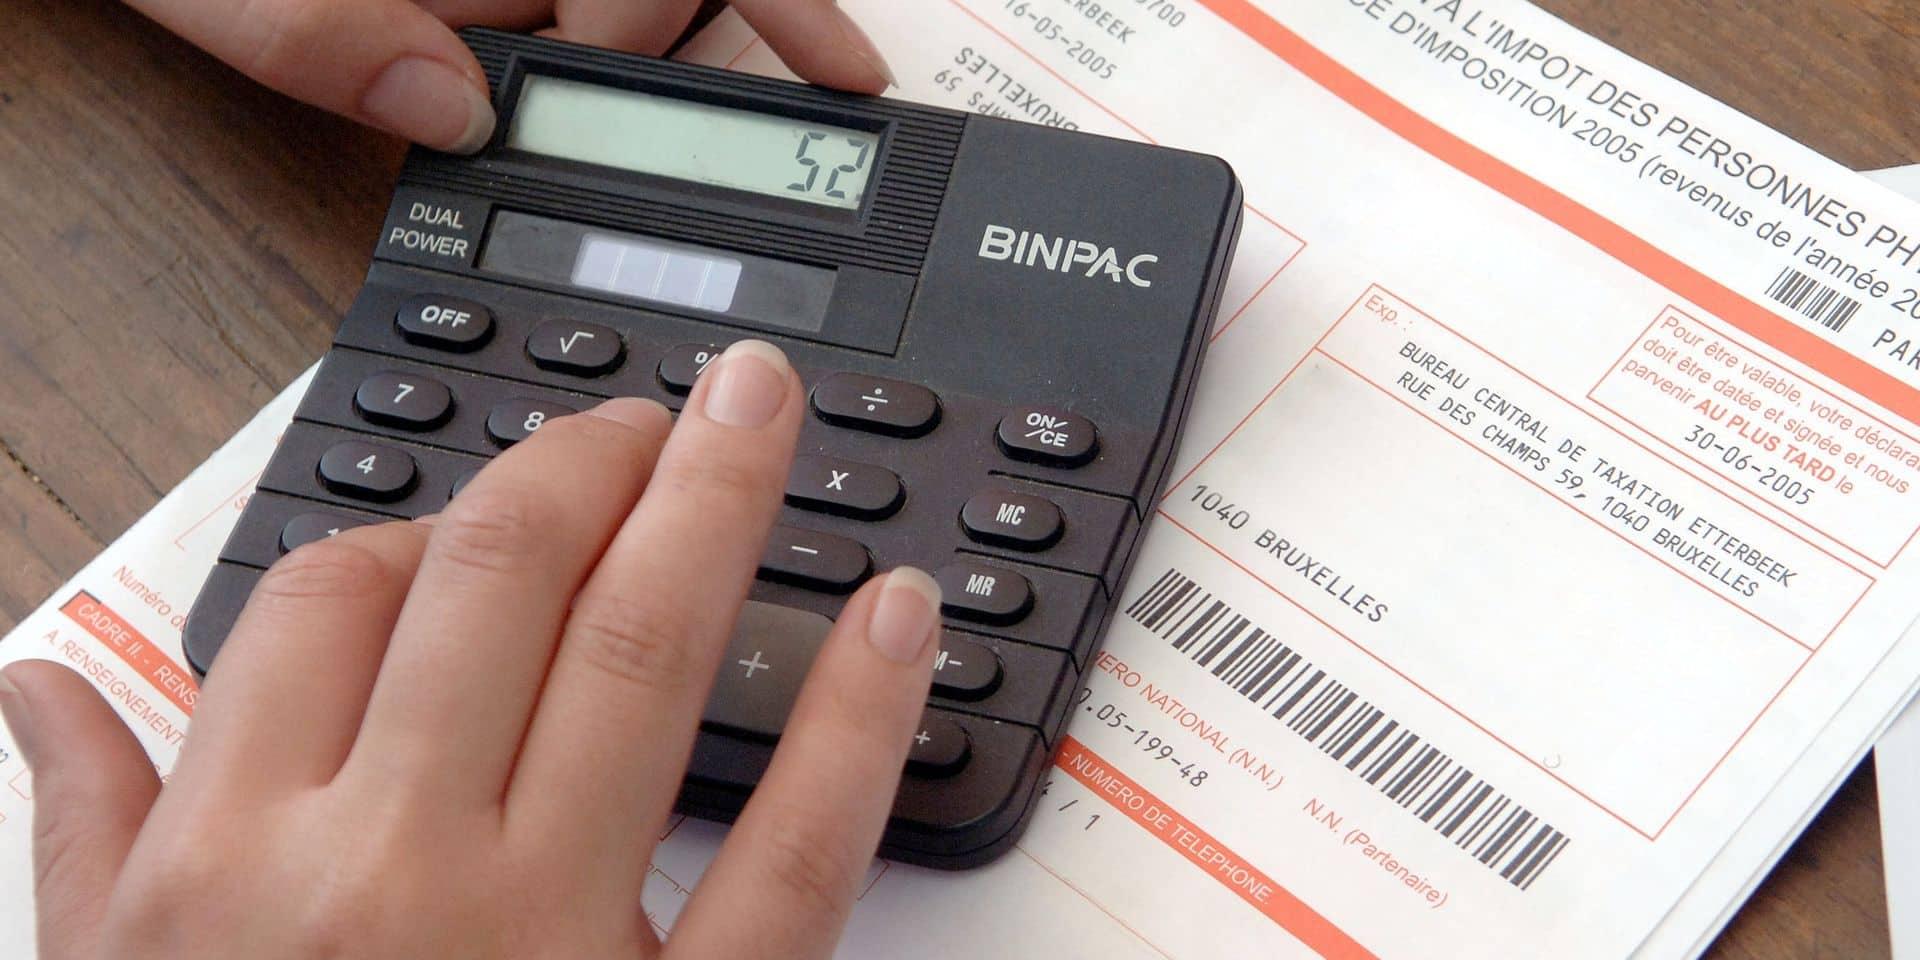 Tout ce qu'il faut savoir pour remplir votre déclaration fiscale et payer moins d'impôts